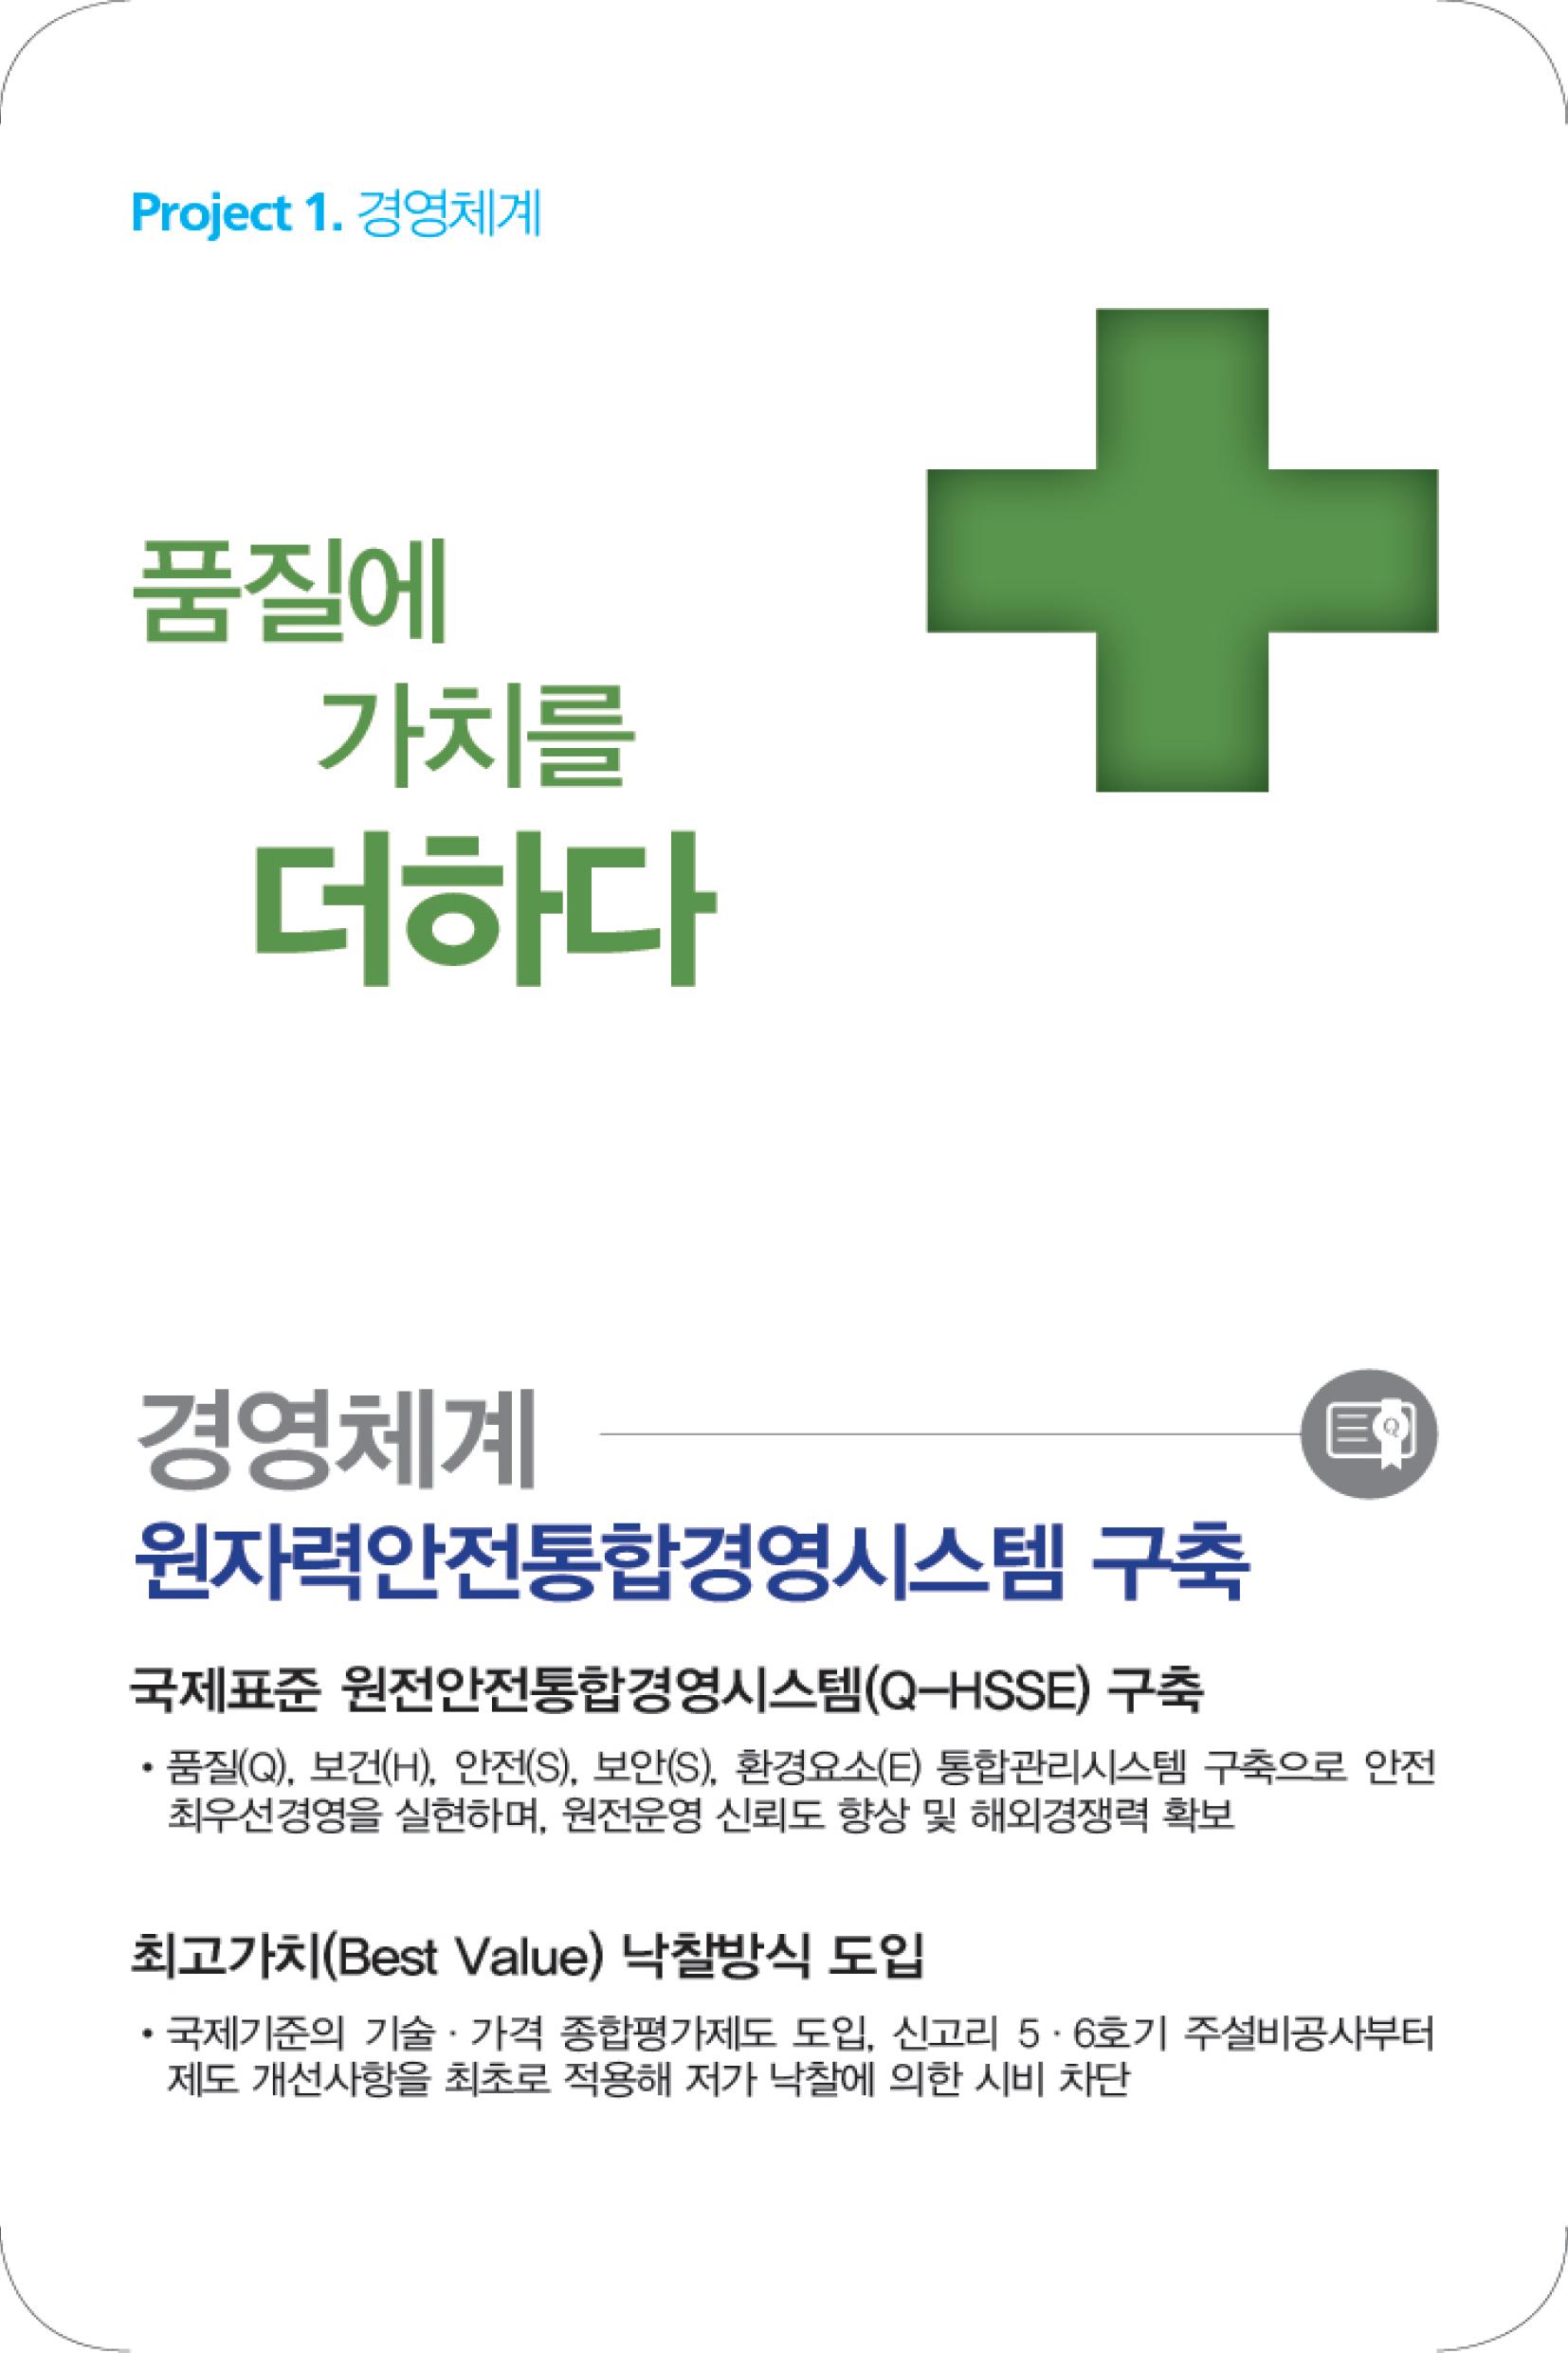 추석-홍보물-리플렛_최종-7.jpg